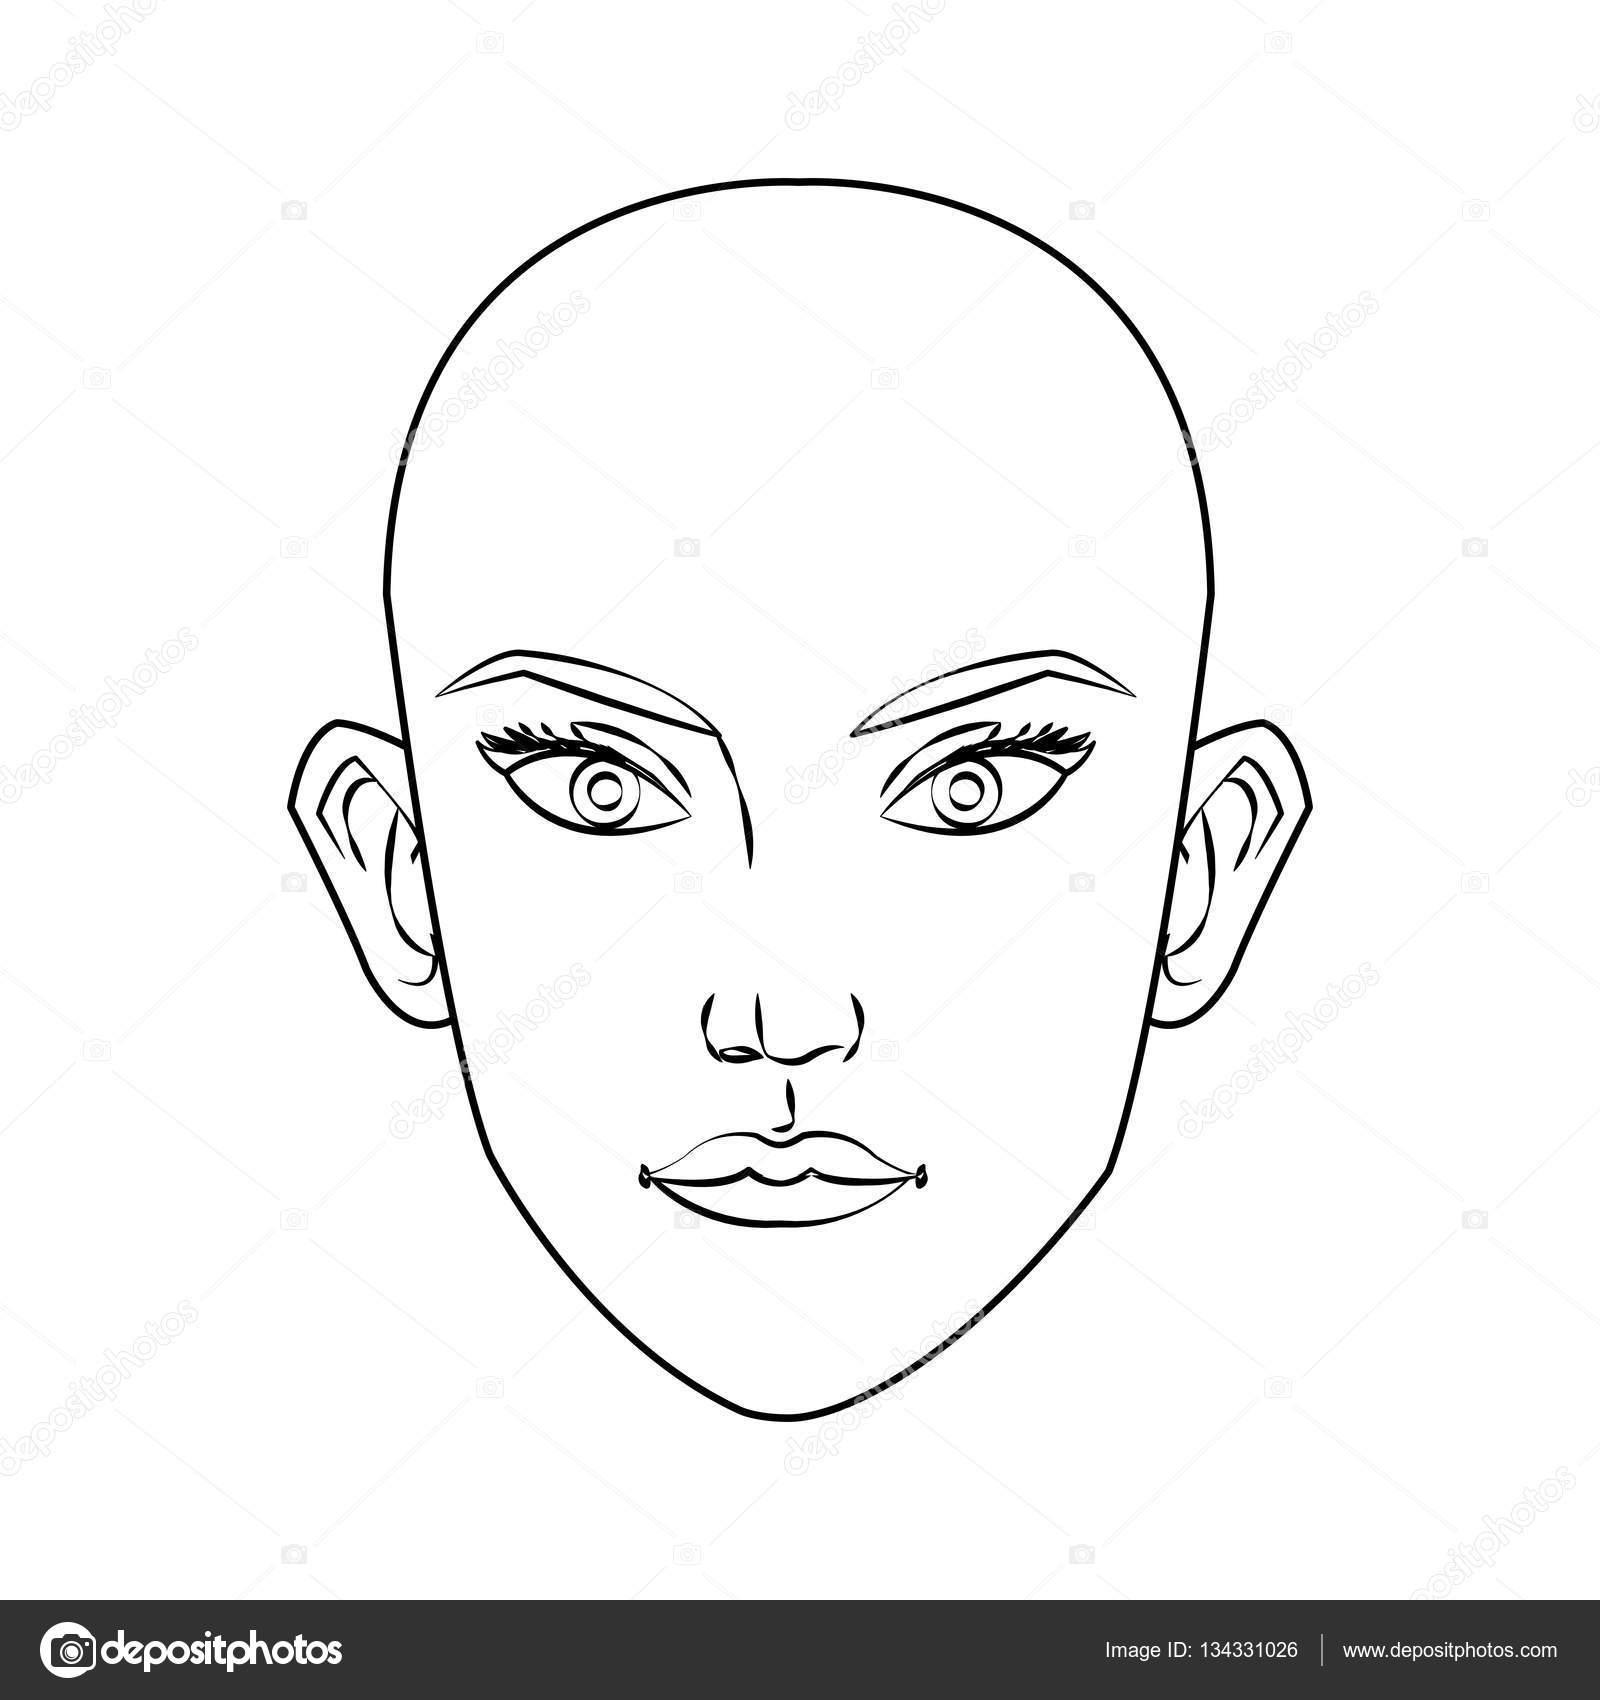 Conception De Dessin Animé Visage Femme Isolée Image Vectorielle